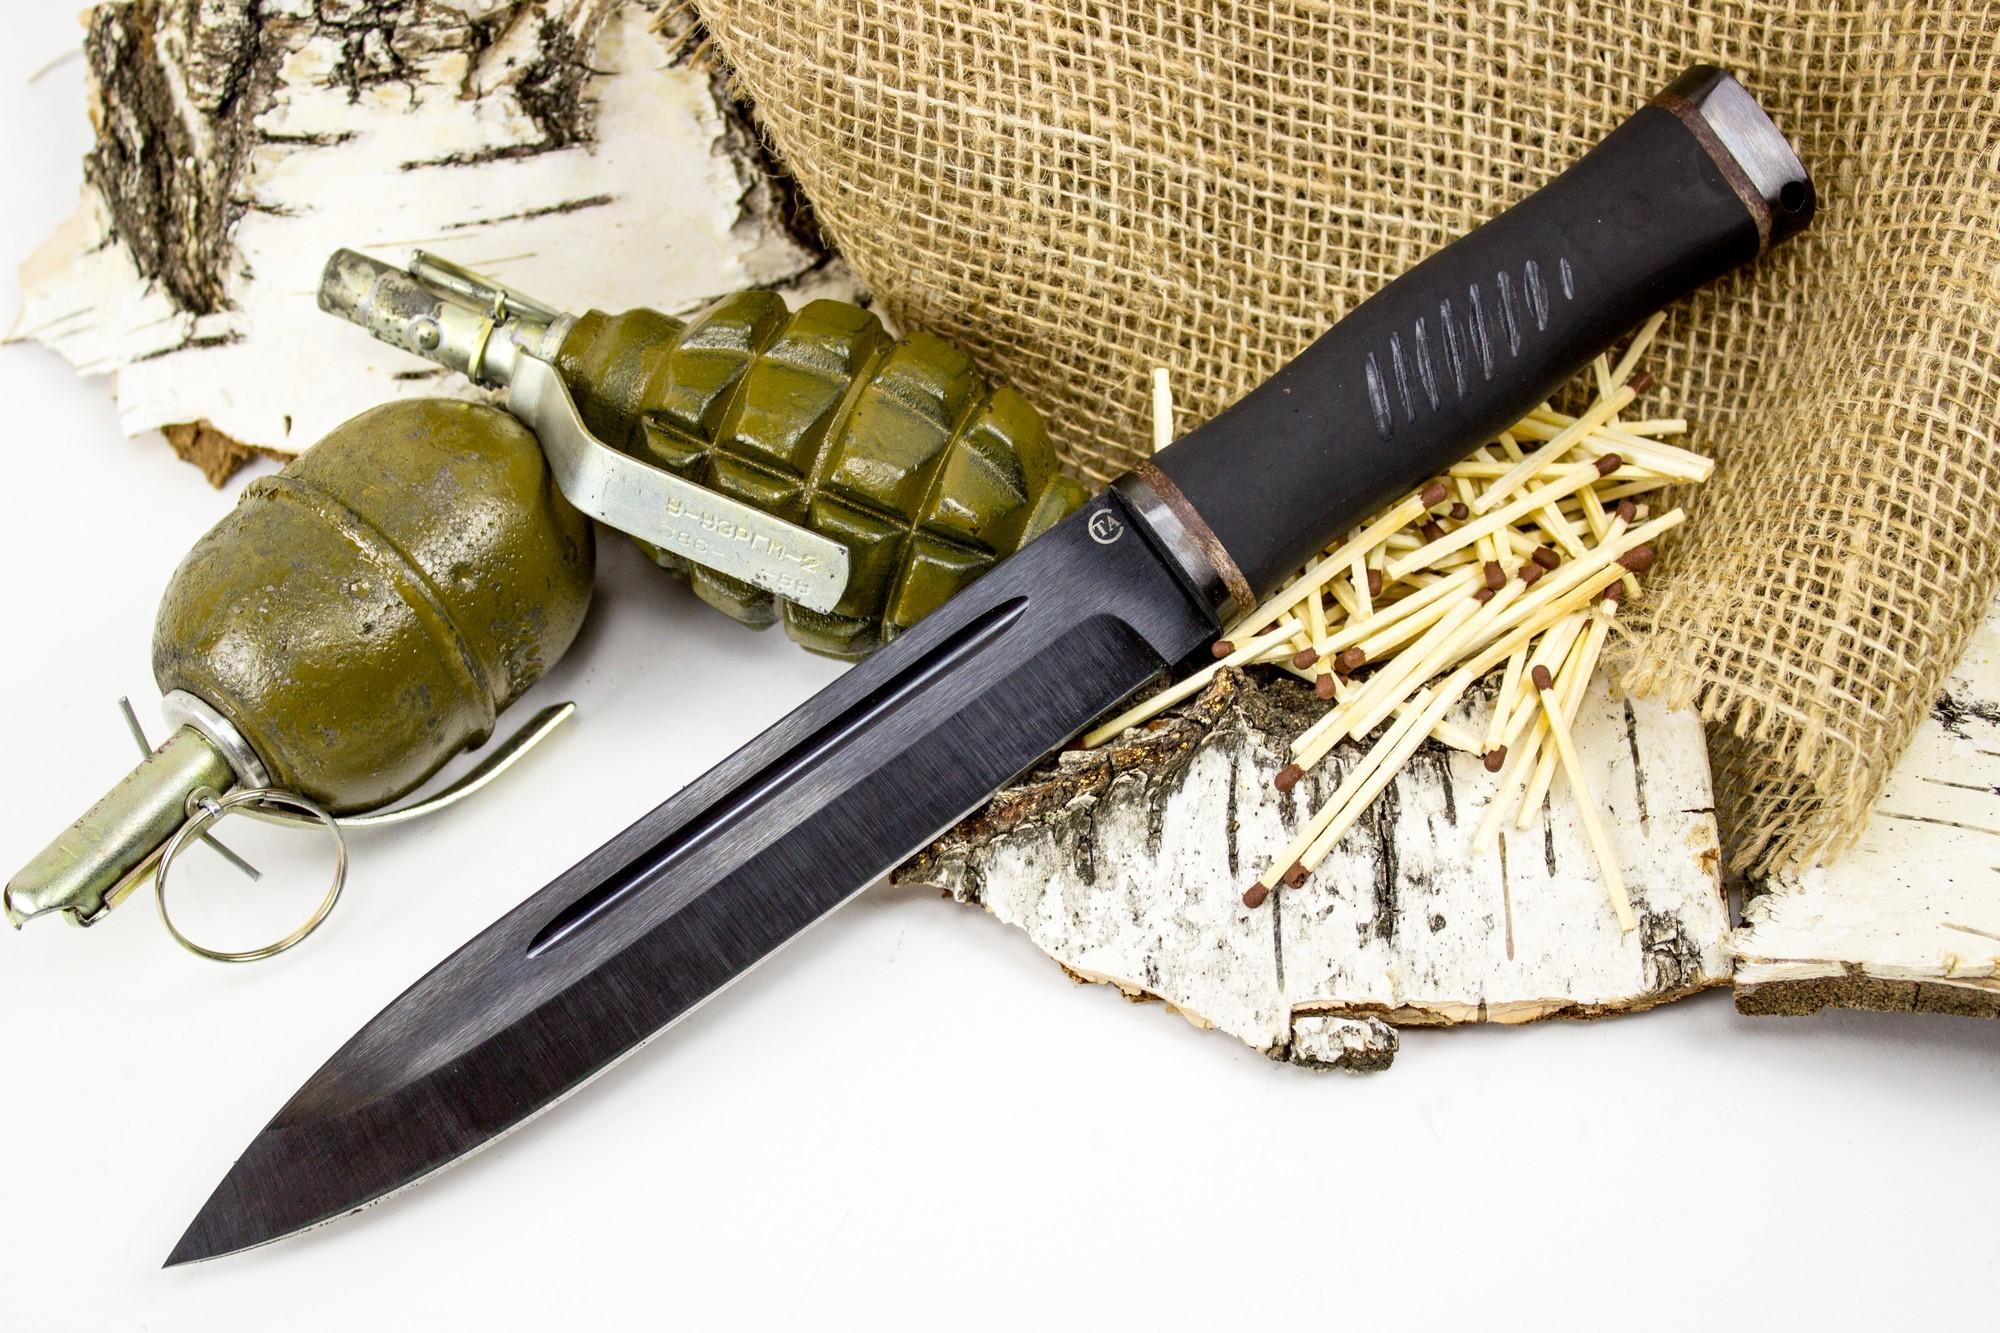 Нож Горец-2, сталь 65Г, резина от Титов и Солдатова